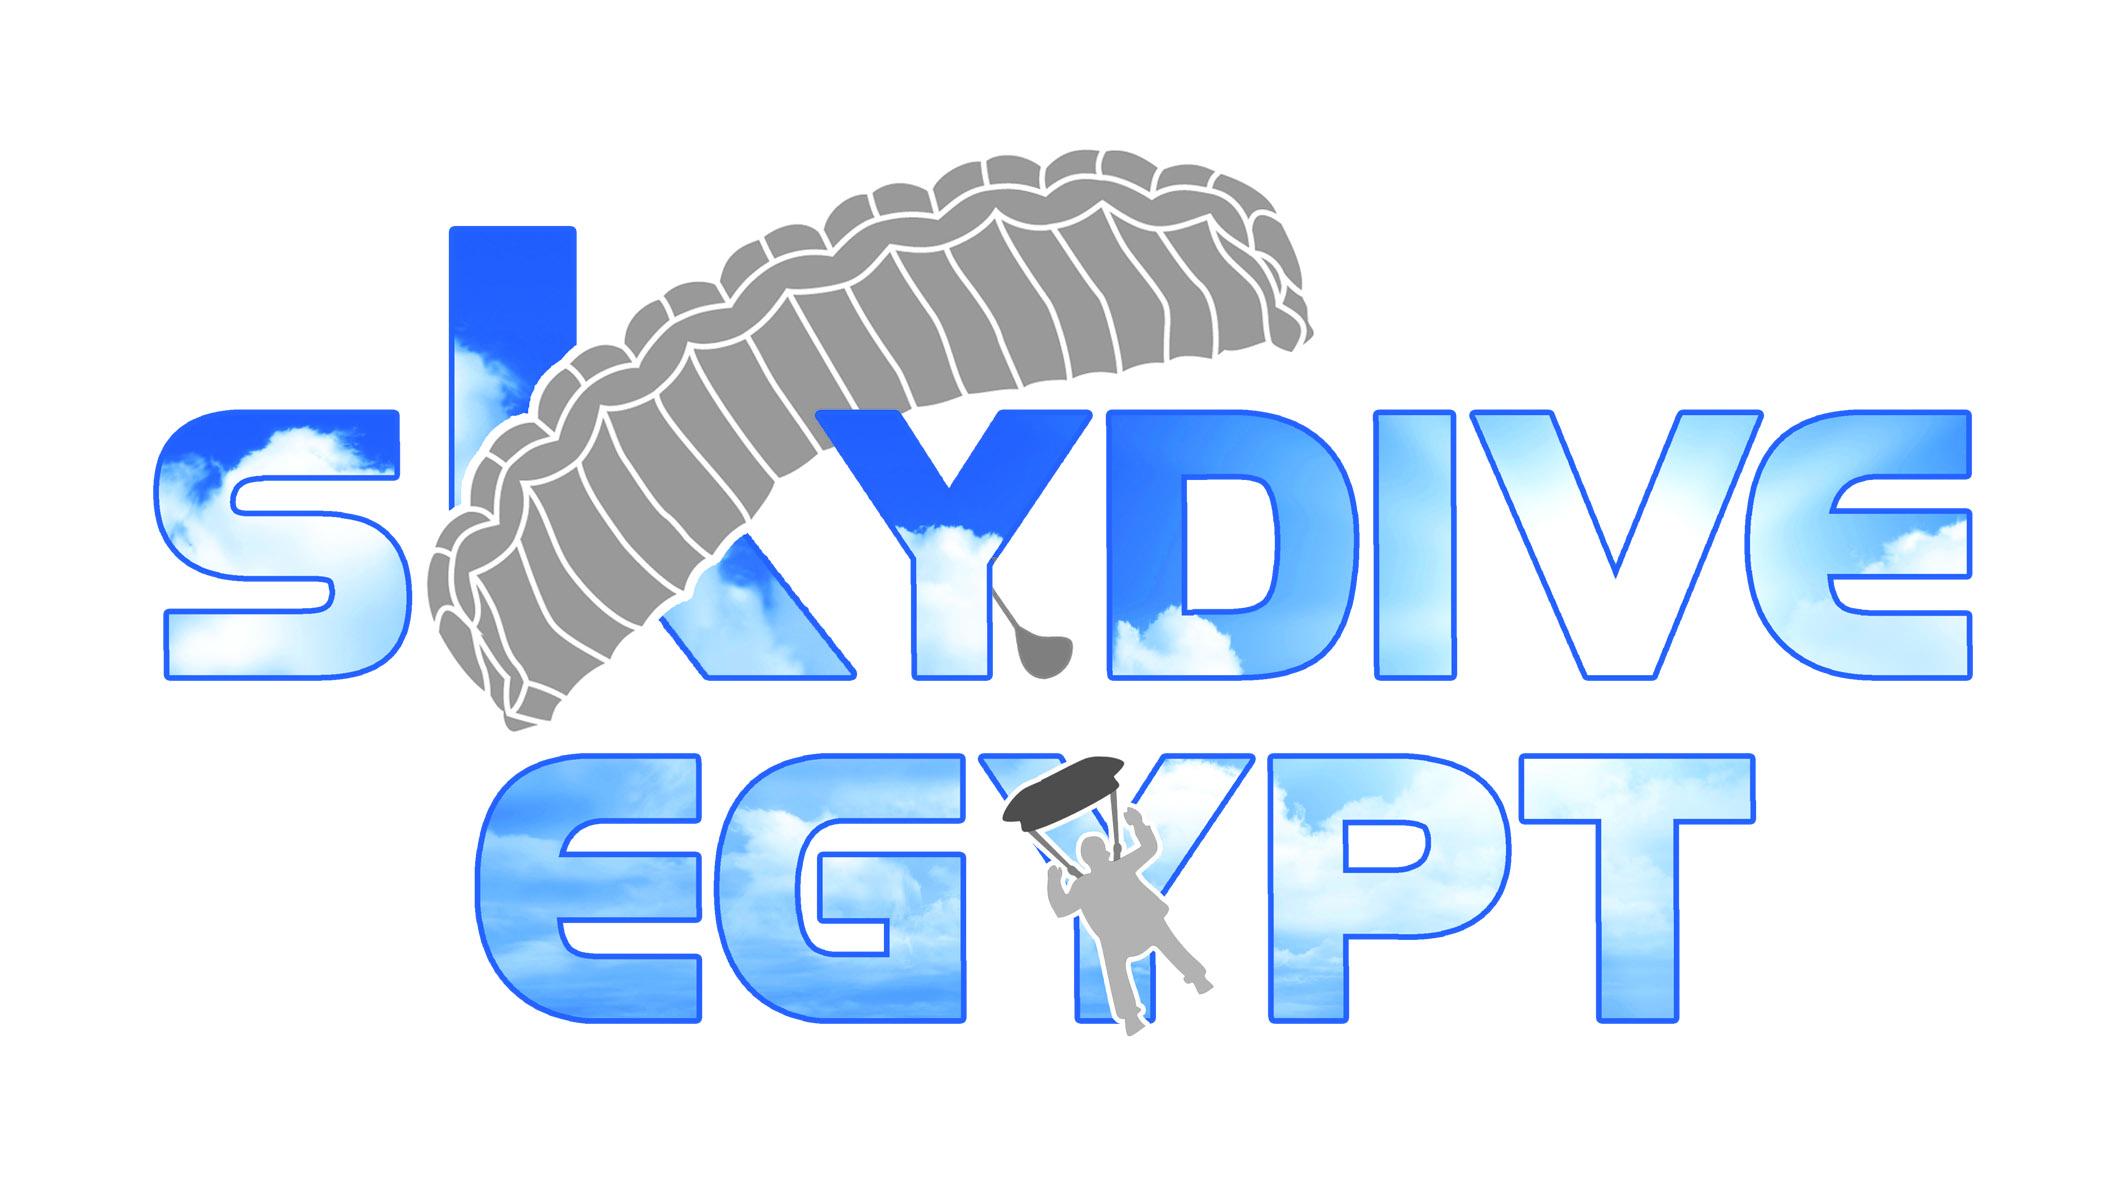 https://secureservercdn.net/198.71.233.44/516.356.myftpupload.com/wp-content/uploads/2019/12/Skydive-Egypt-Logo.jpg?time=1634897287